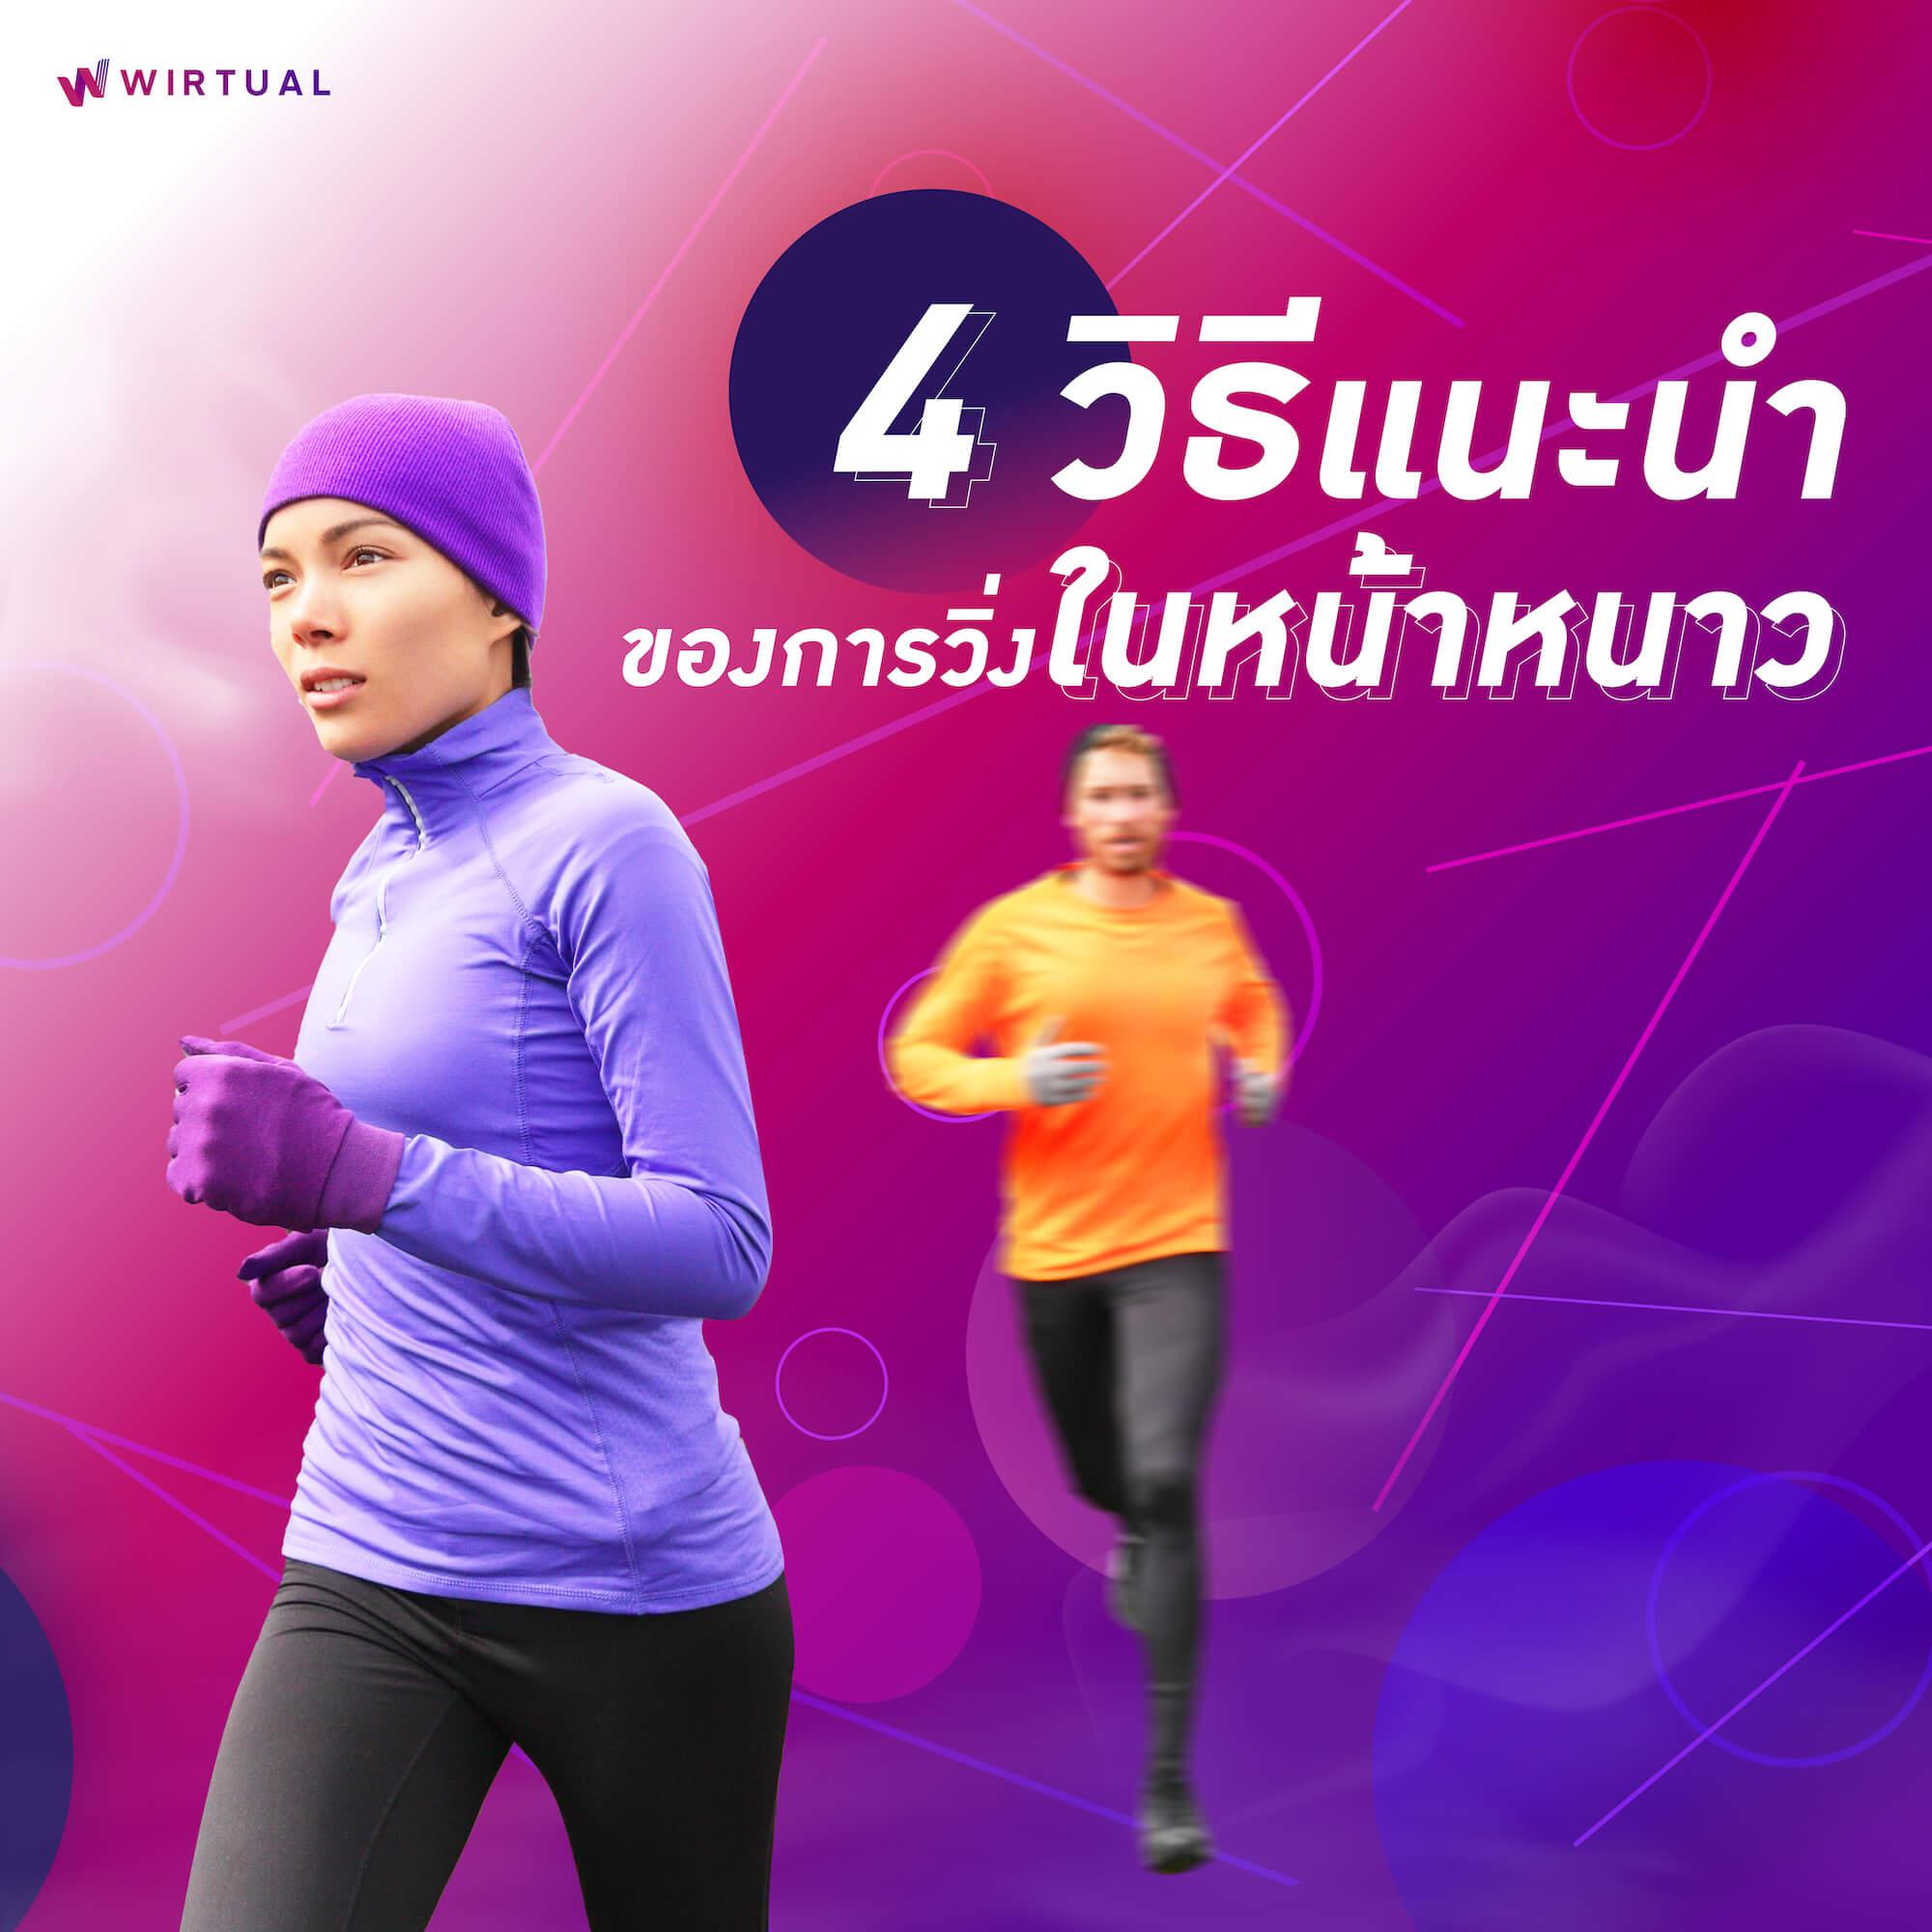 4 วิธีแนะนำของการวิ่งในหน้าหนาว